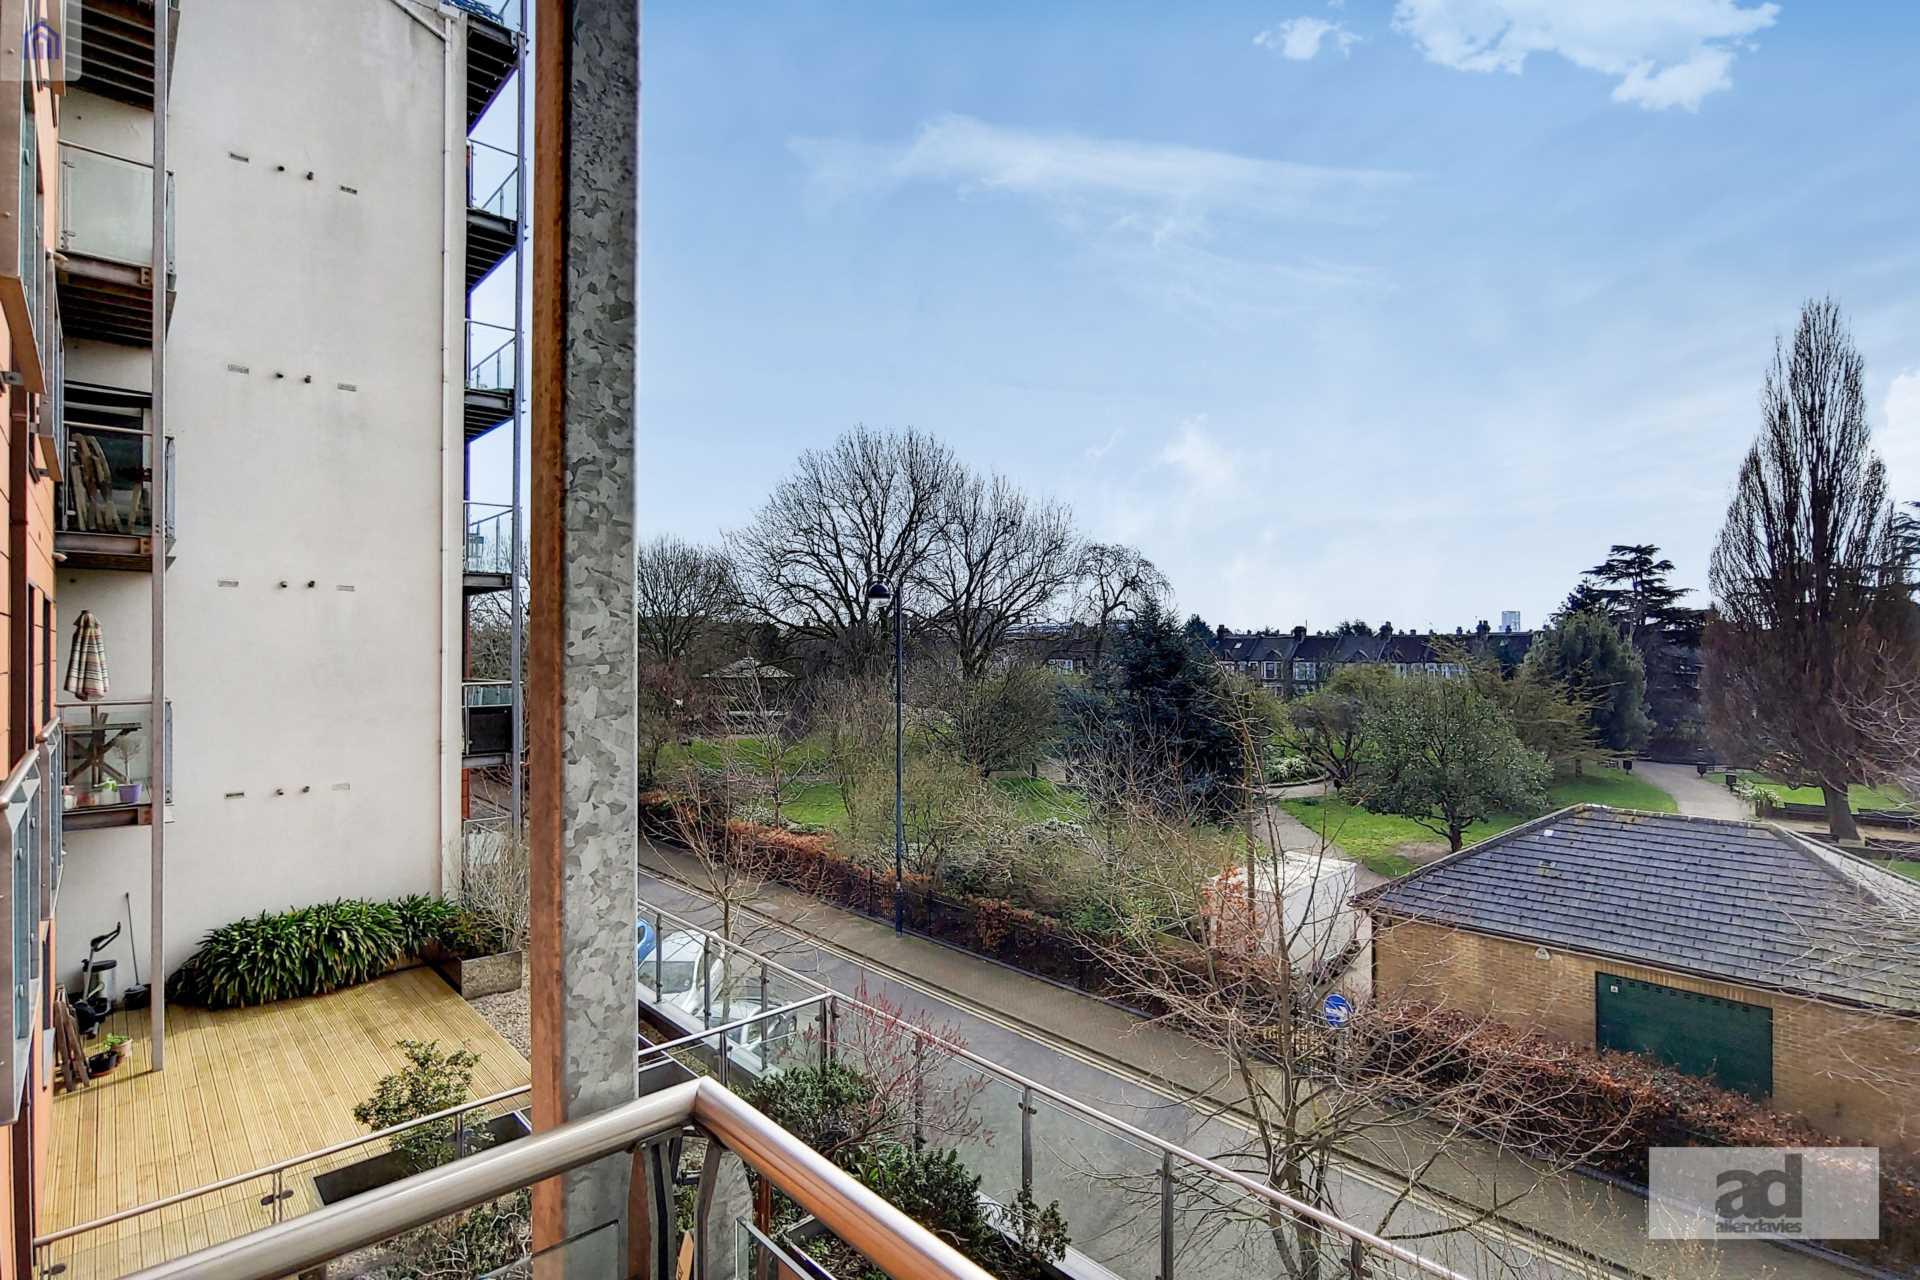 McFadden Court, Buckingham Road, Leyton, E10, Image 7